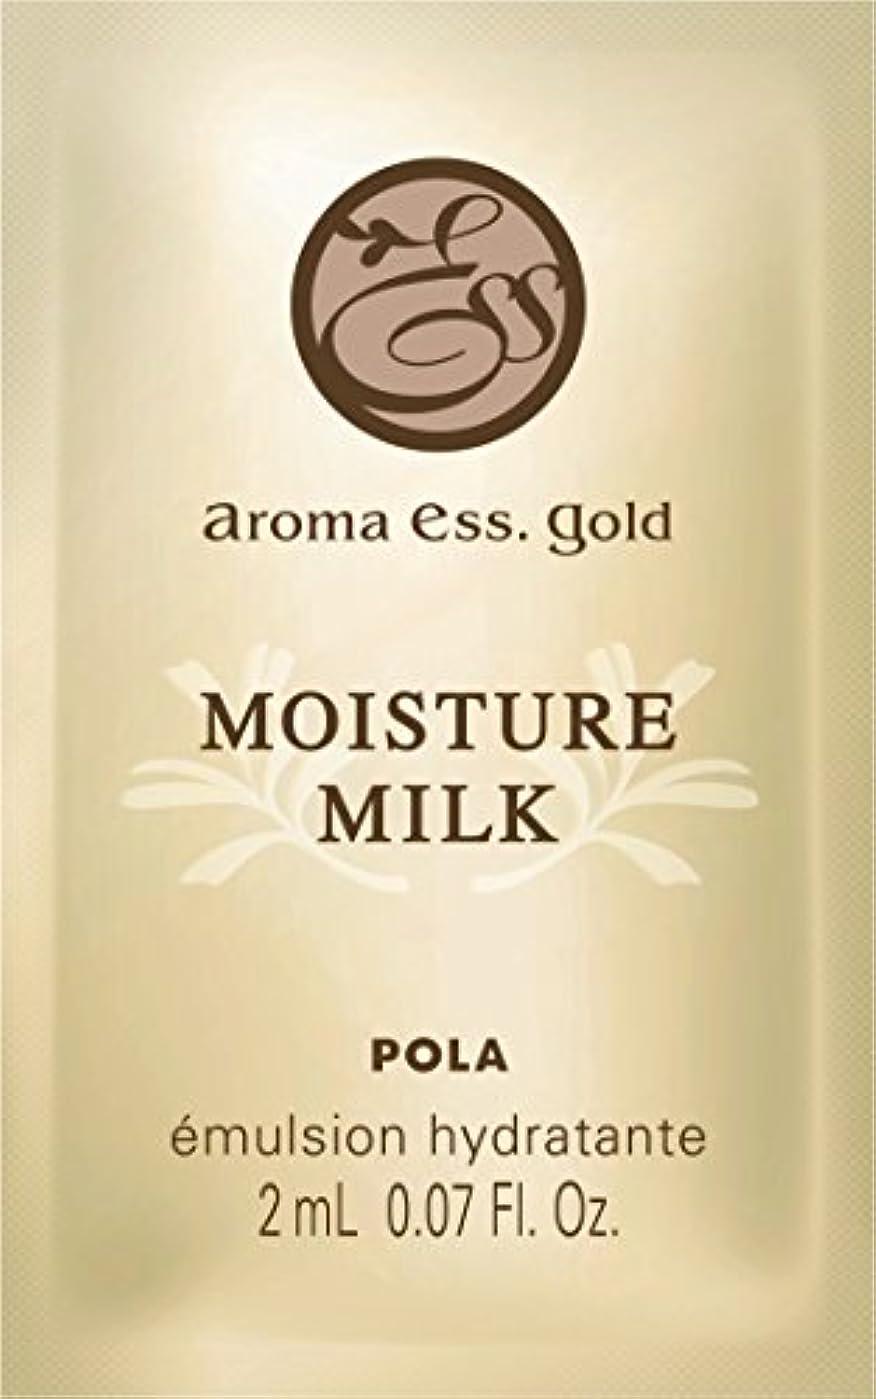 コカインメールうなるPOLA アロマエッセゴールド モイスチャーミルク 乳液 個包装タイプ 2mL×100包